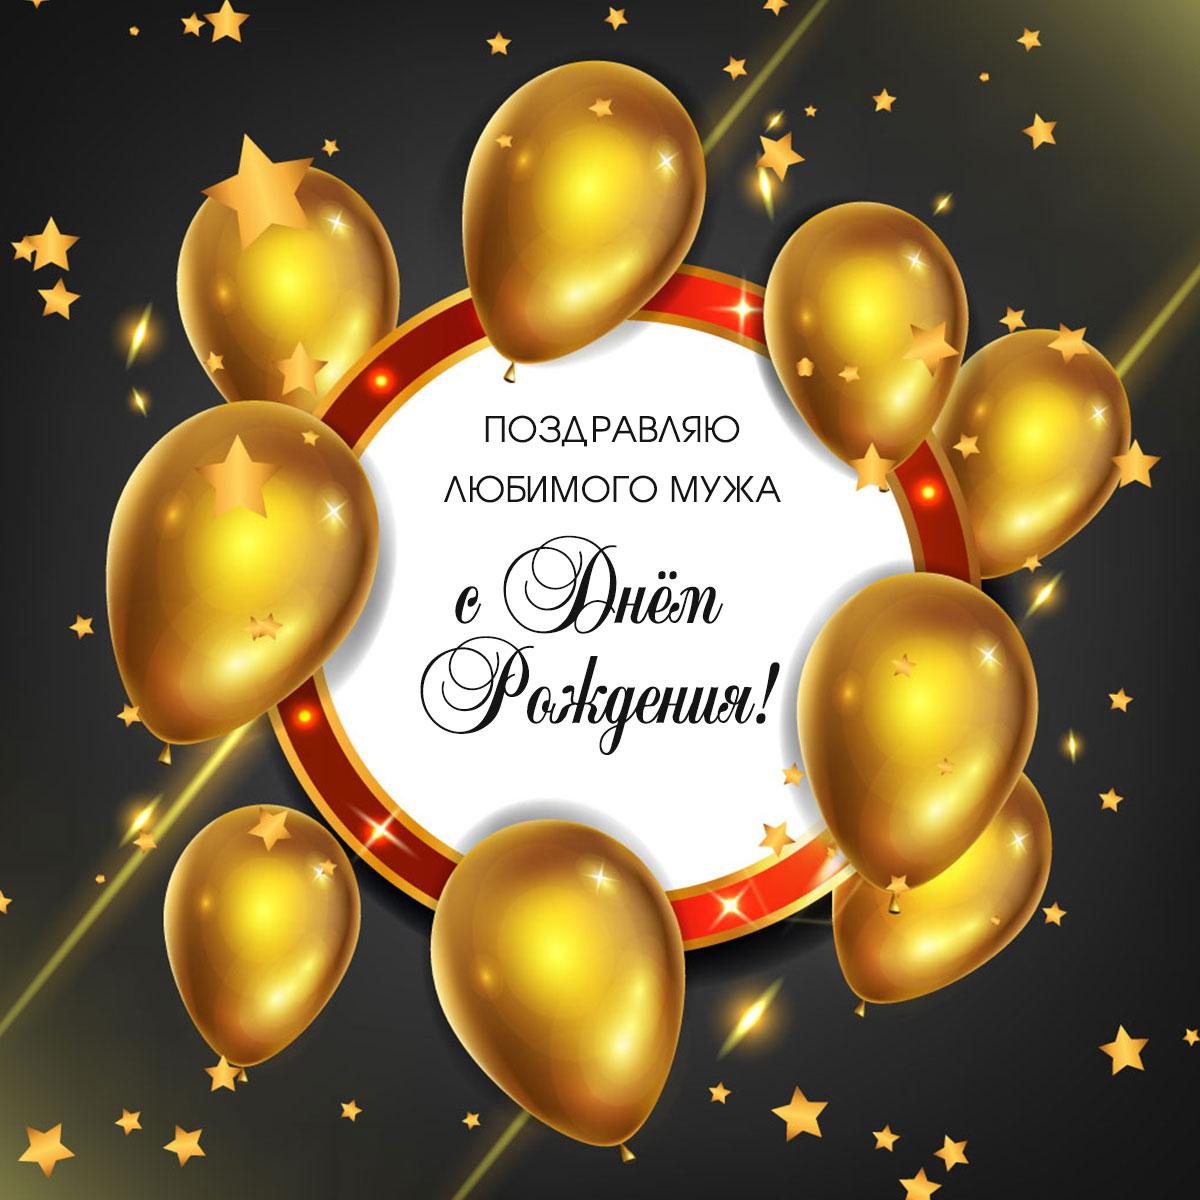 Чёрная картинка с золотыми воздушными шарами и текстом с днем рождения.